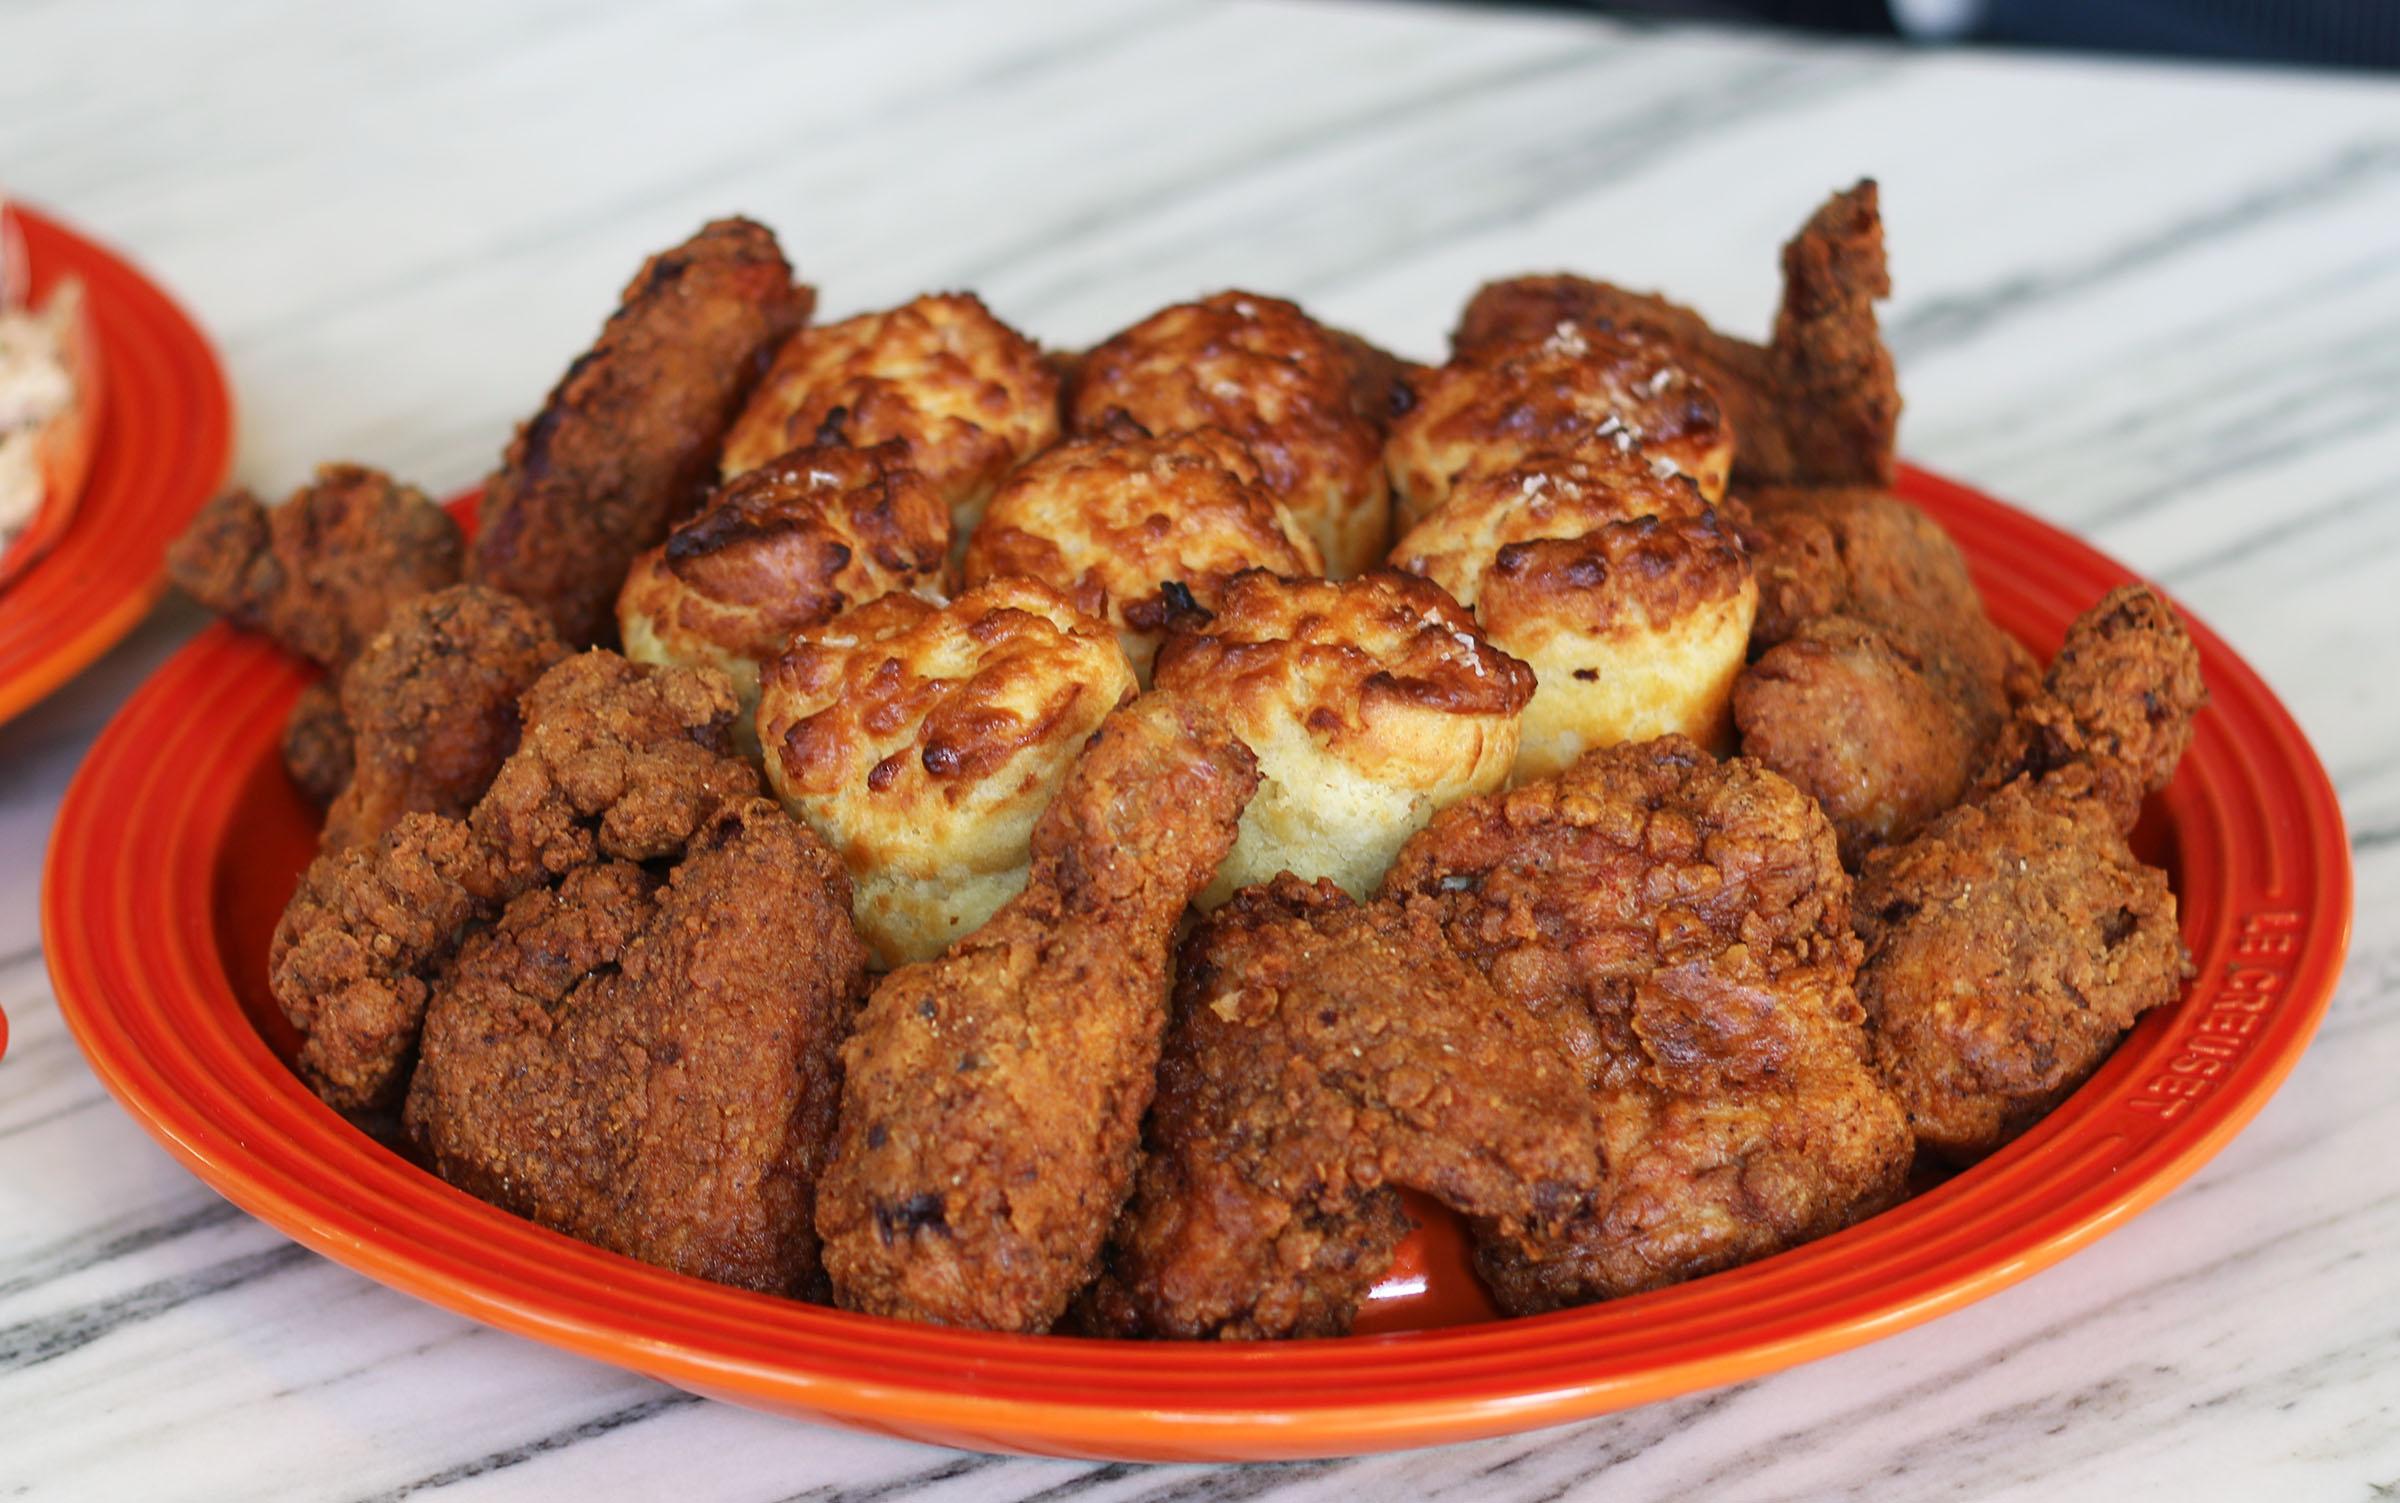 Fried Chicken & Biscuits